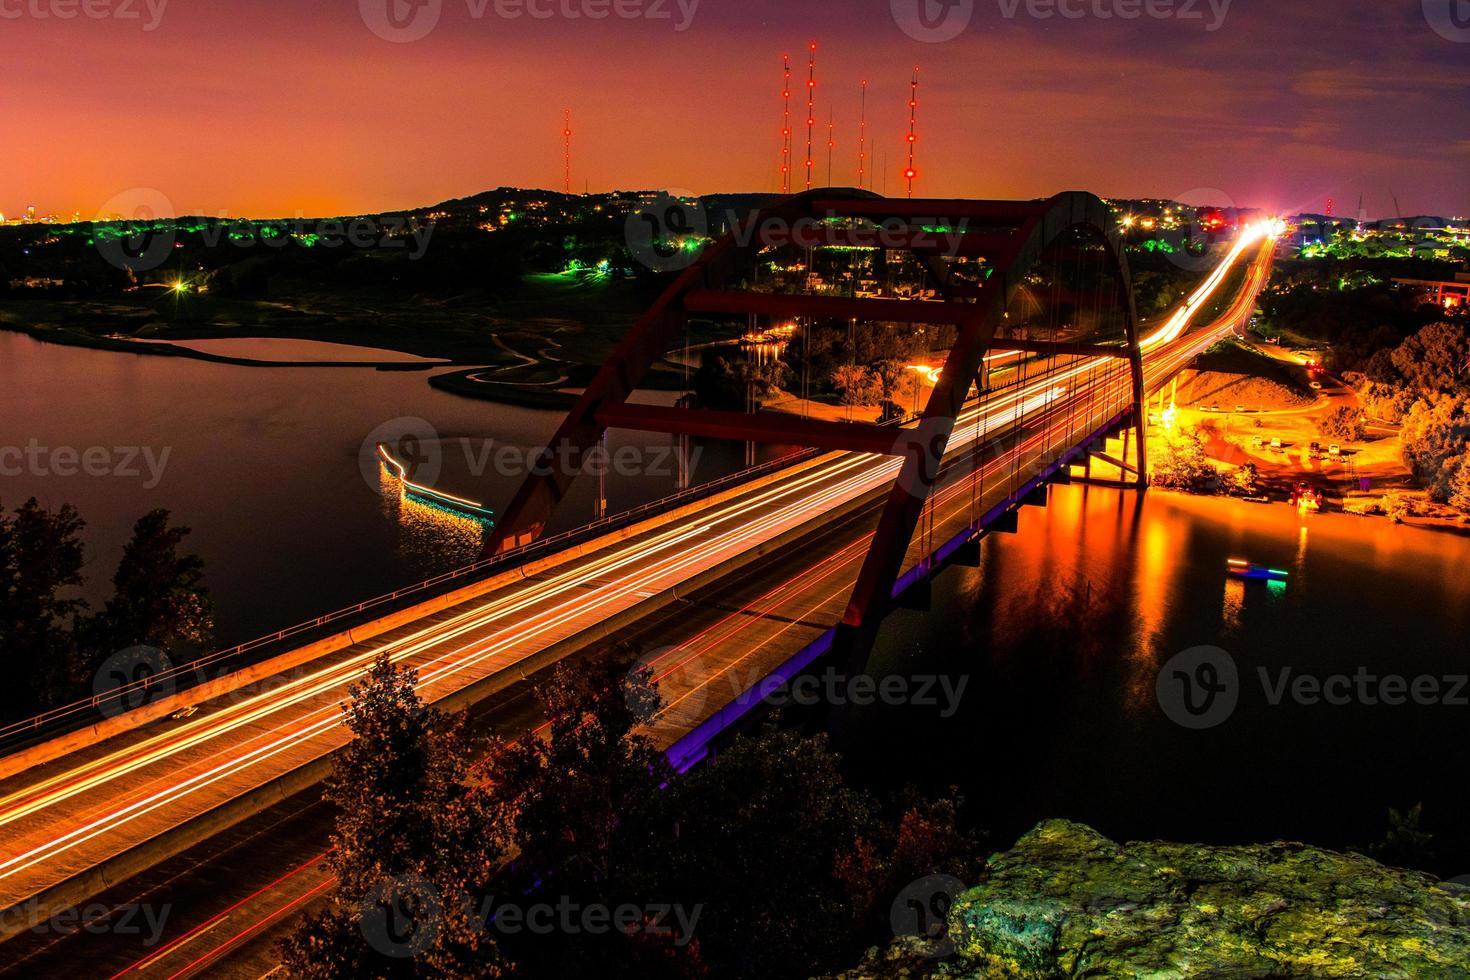 nuit 360 pont pennybacker austin longue exposition sentiers toute la nuit photo